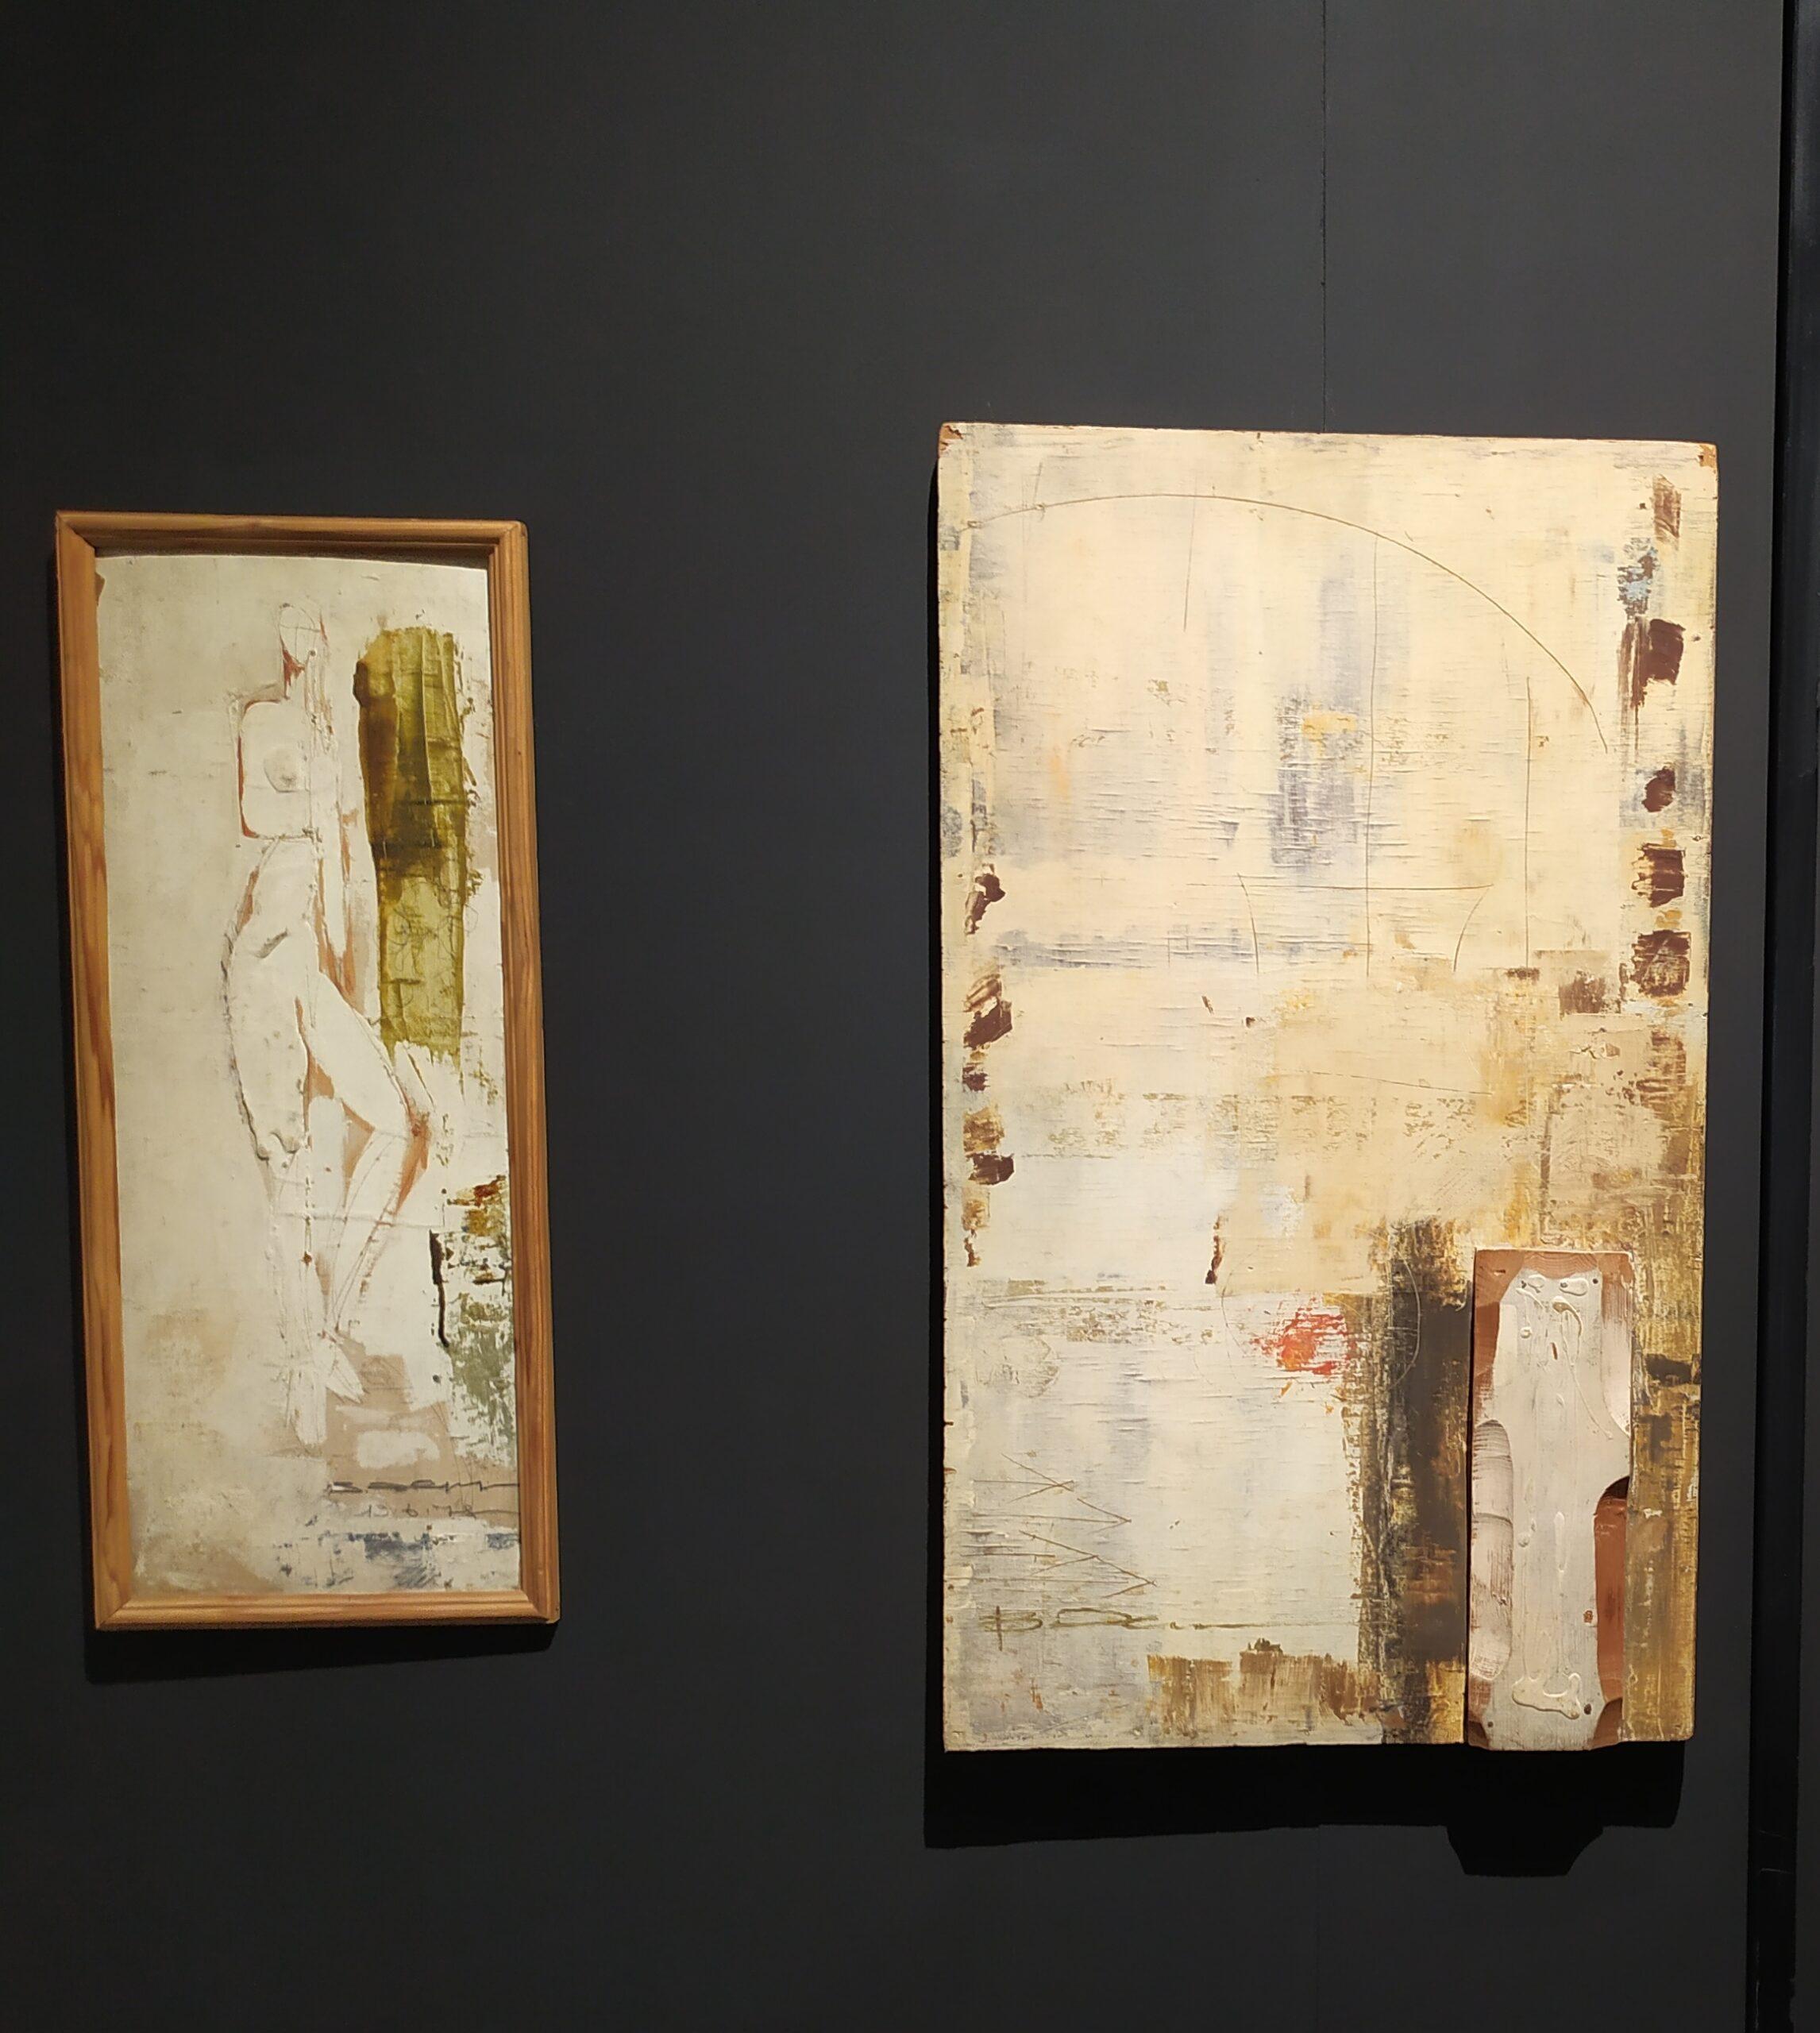 Зліва — роботи В. Хруща, справа — Живопис Т. Сільваші.